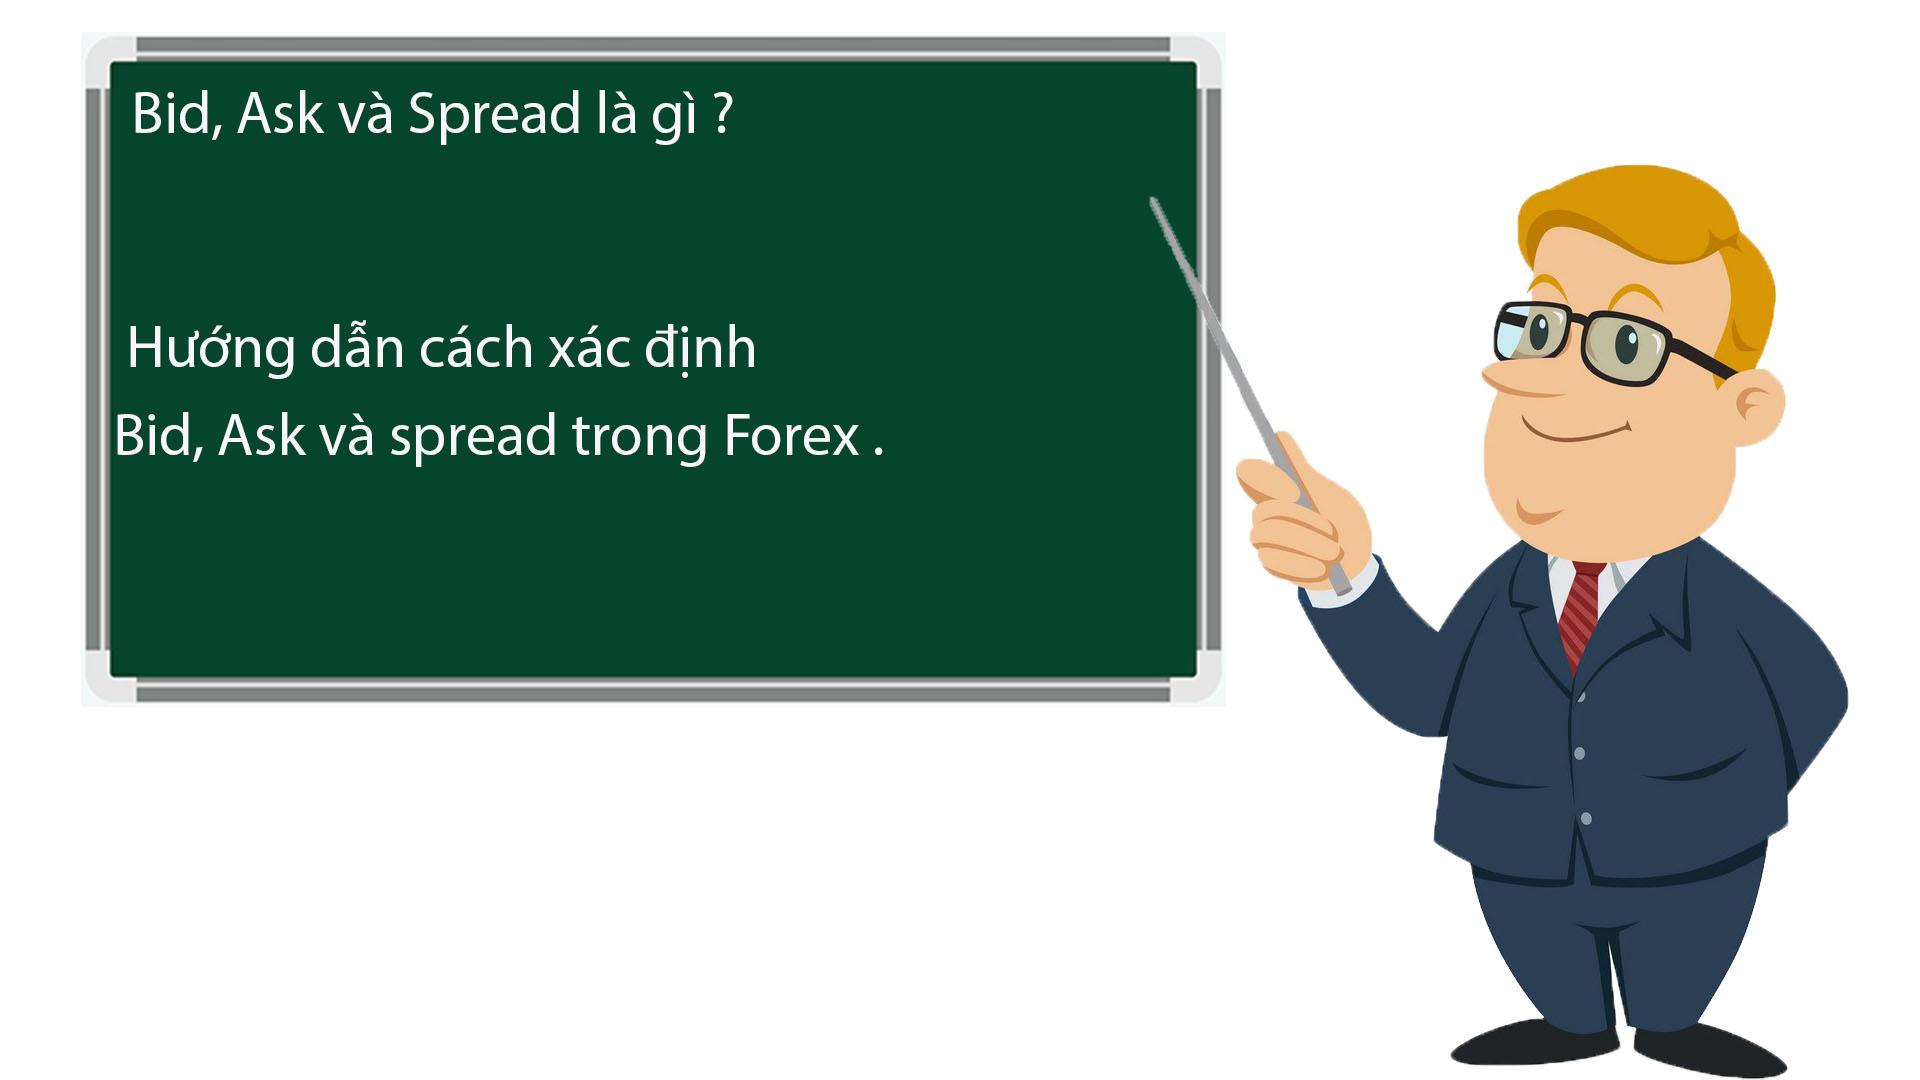 Bid, Ask và Spread là gì? Hướng dẫn cách xác định Bid, Ask và Spread trong Forex